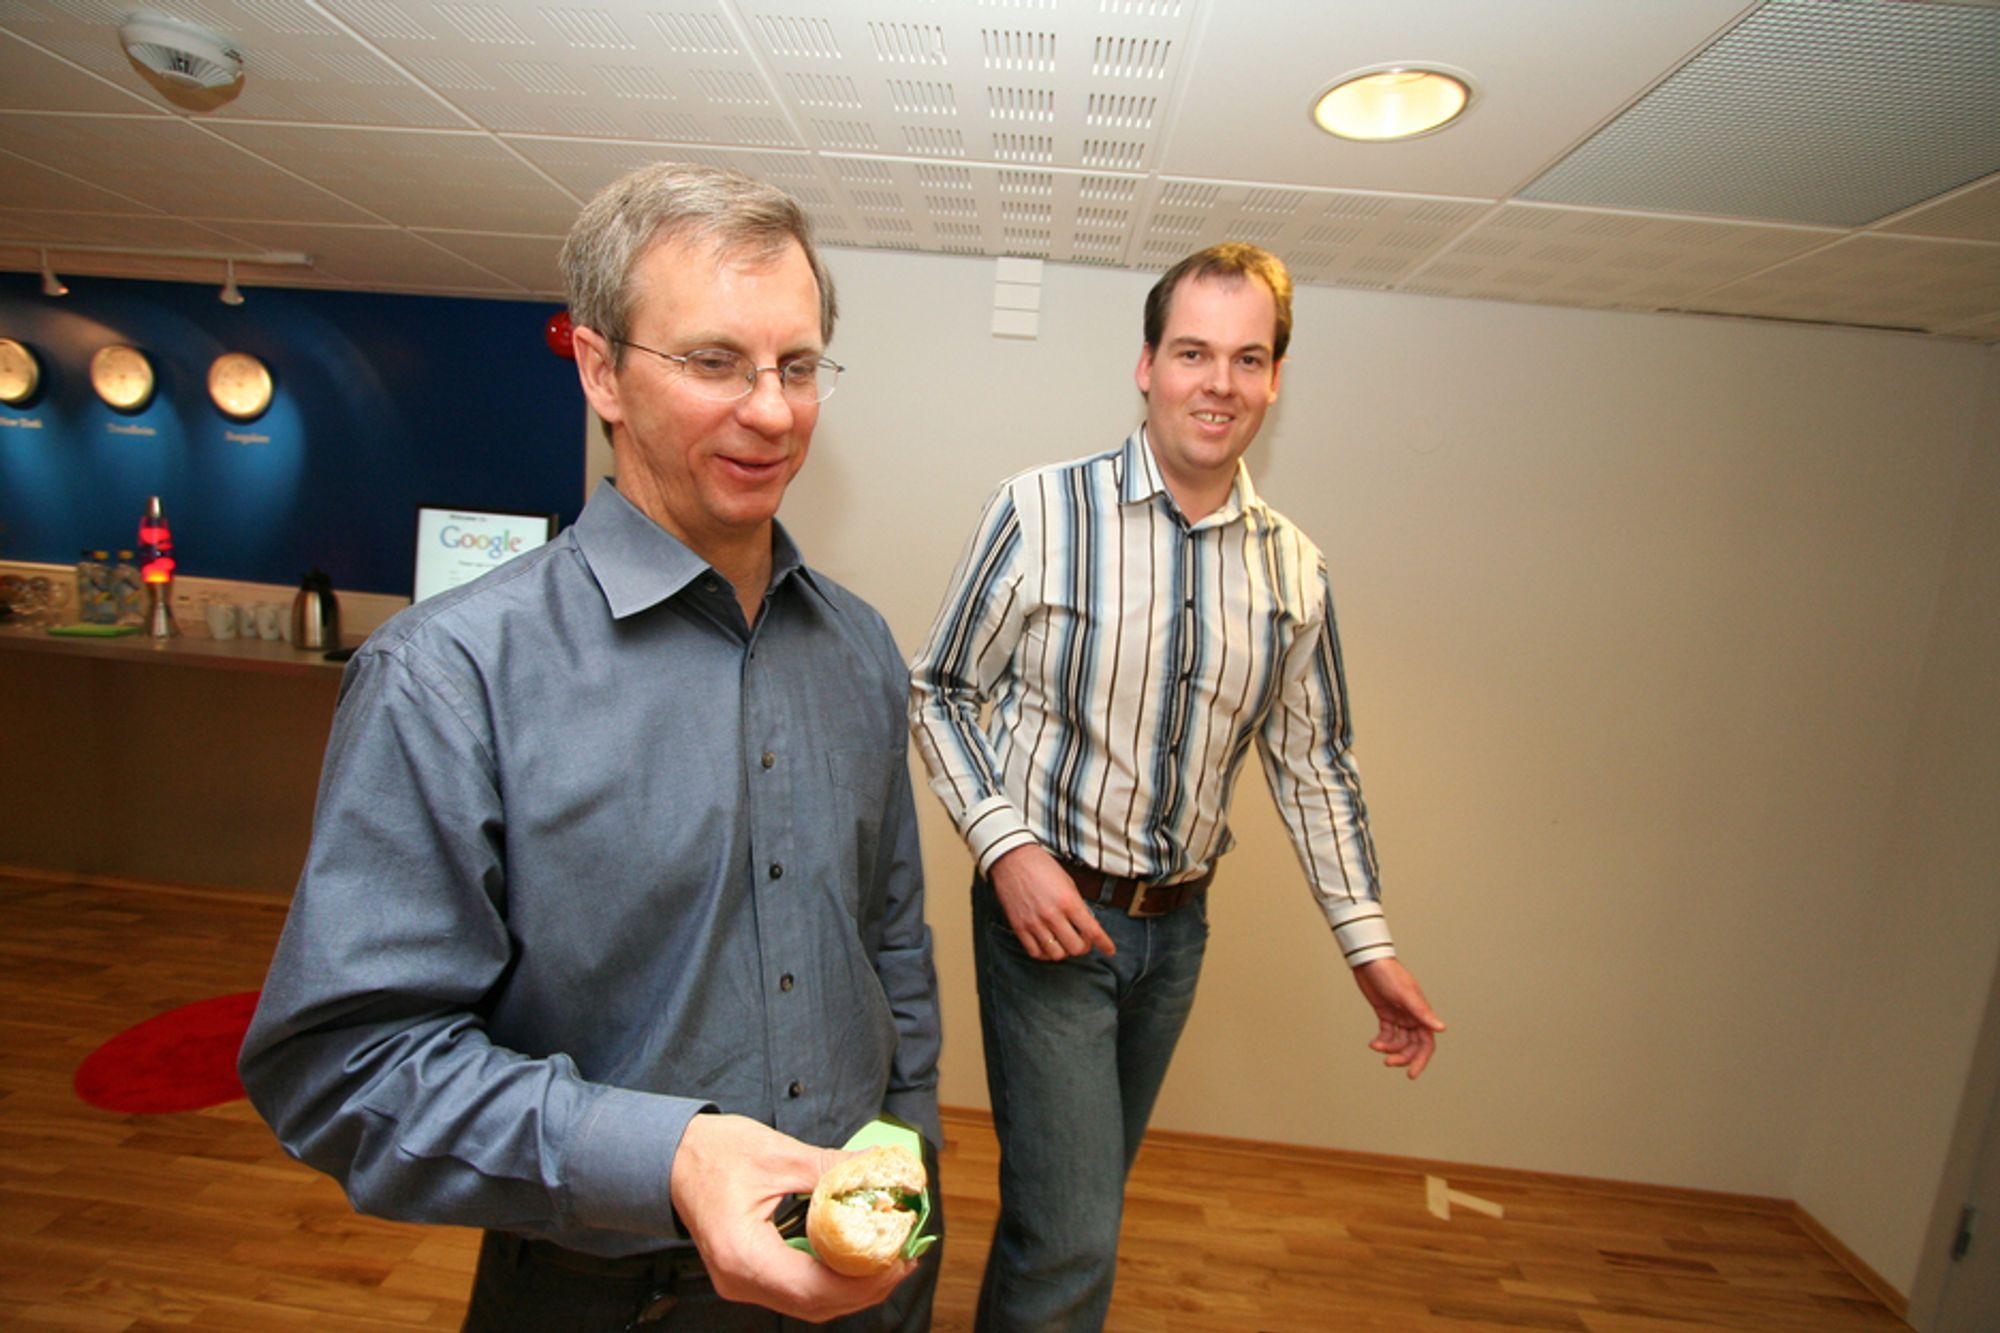 UTE PÅ JAKT: Googles trondheimsavdeling sysselsetter omlag 20 utviklere, men forrige uke beilet de mot NTNUs studenter og forskere. Fra venstre visepresident for FoU-avdelingen i Google Inc Alan Eustace og leder Knut Magne Risvik i FoU-avdelingen i Trondheim.